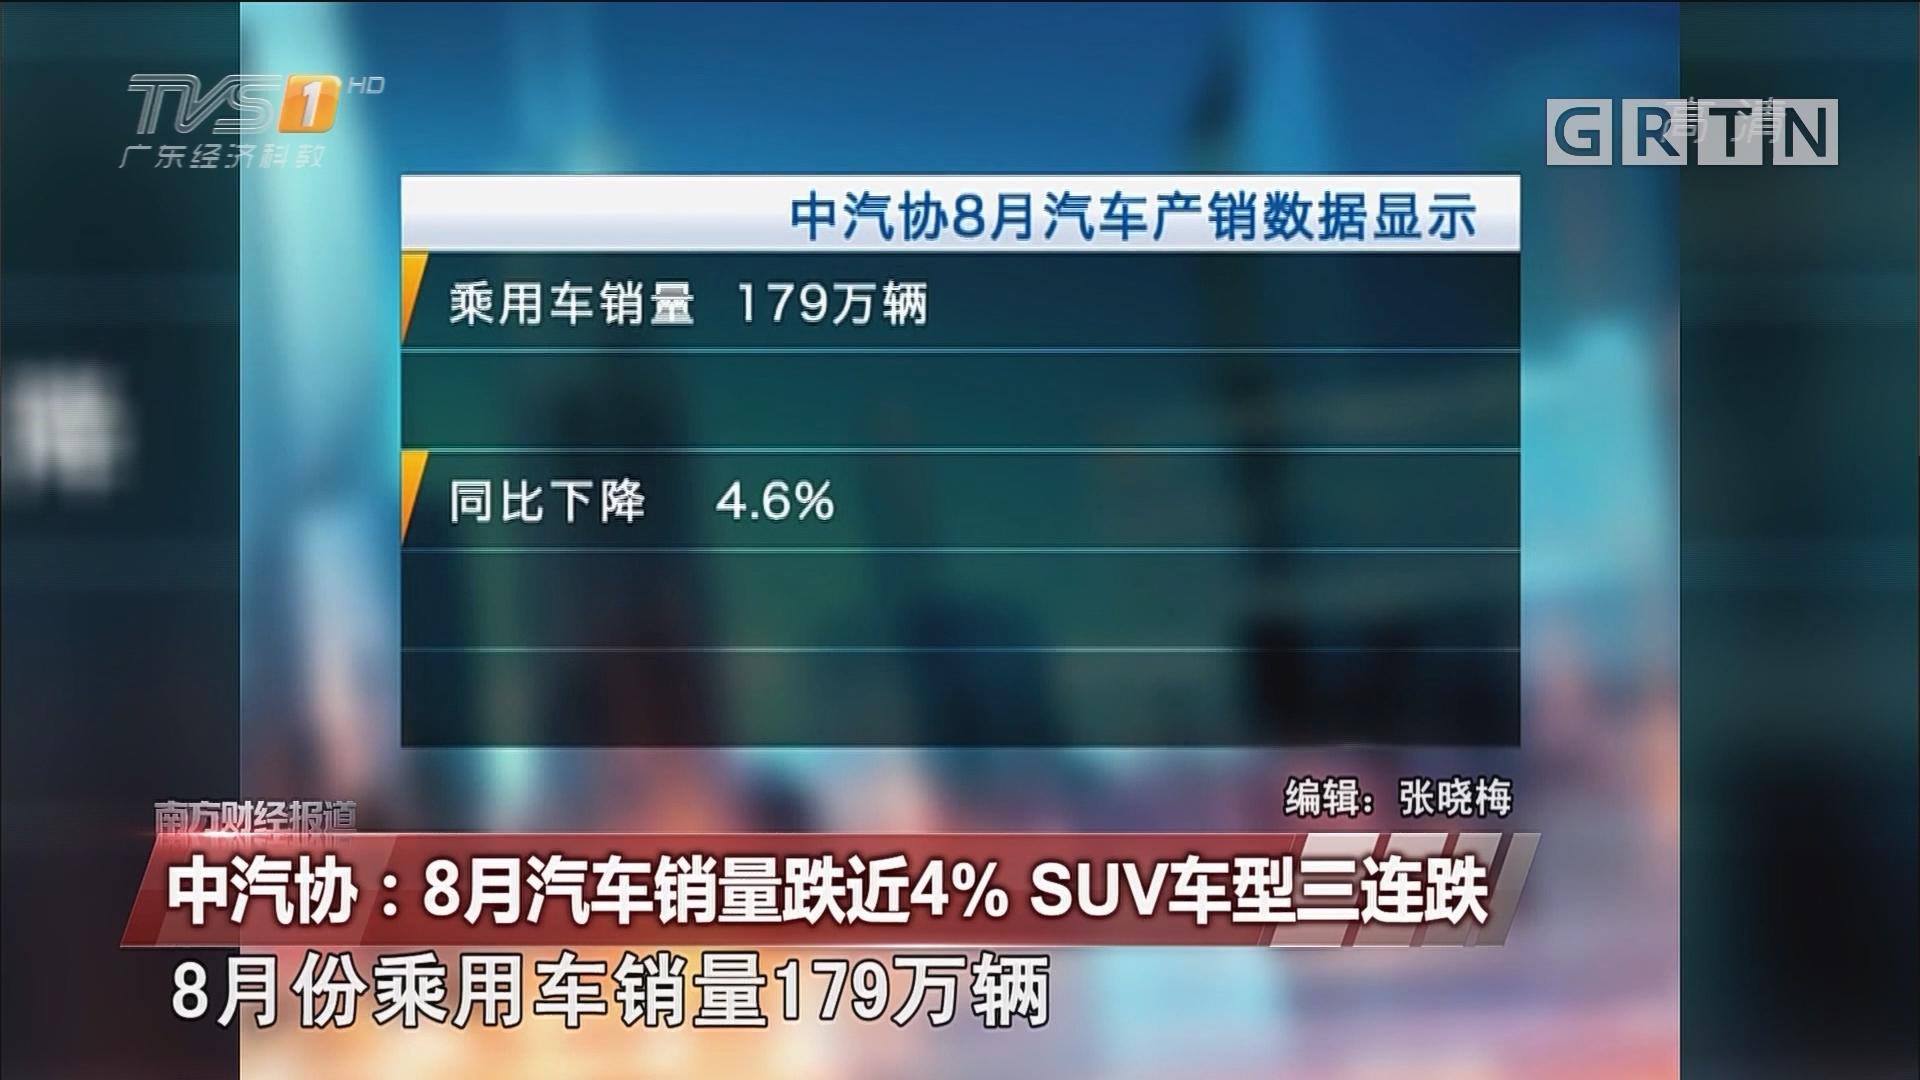 中汽协:8月汽车销量跌近4% SUV车型三连跌